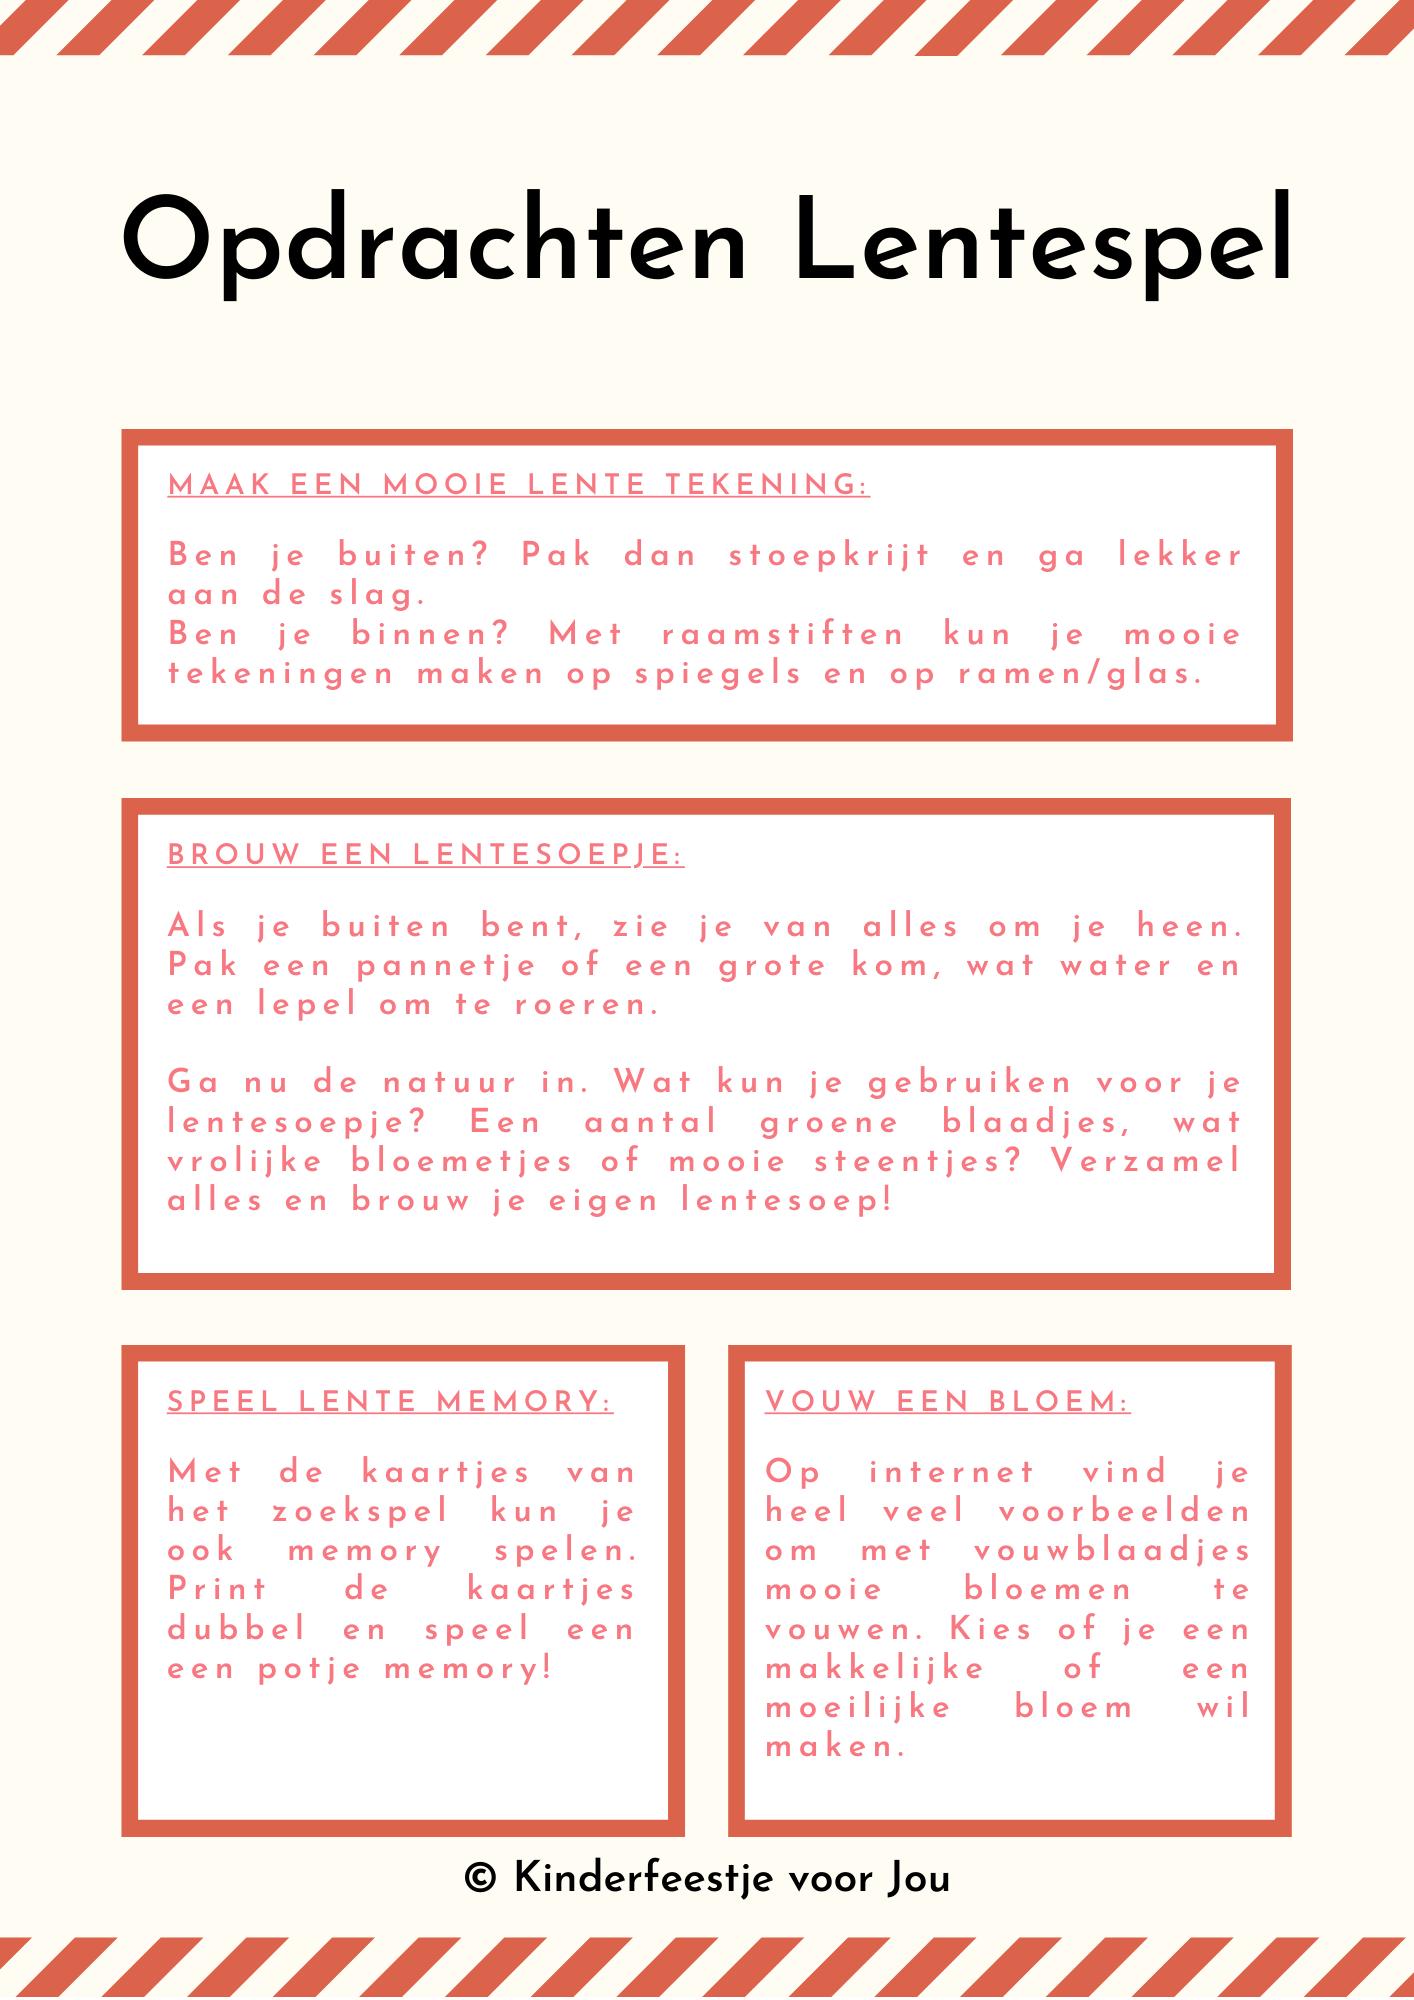 Opdrachten Lentespel - Speel het lentespel met je peuter of kleuter! (met gratis download)